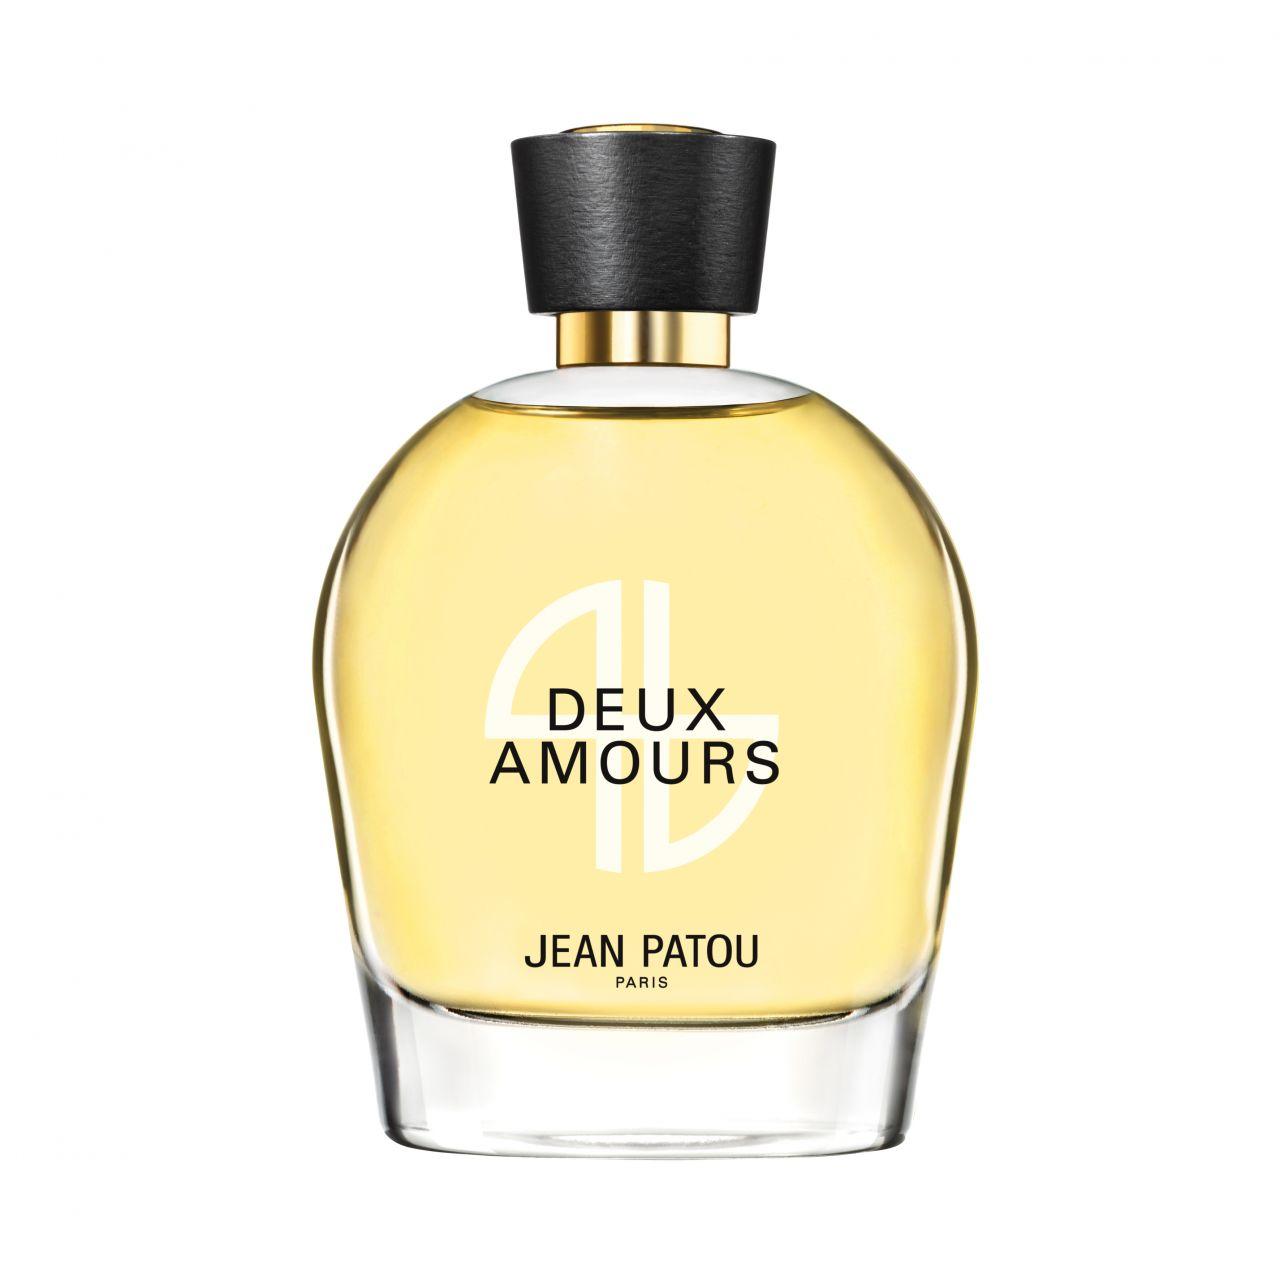 HD DEUX AMOURS - Jean Patou COLLECTION HERITAGE Flacon_la-mode-c-nous_live-la-mode-c-nous_lmcn_livelamodecnous_llmcn_1